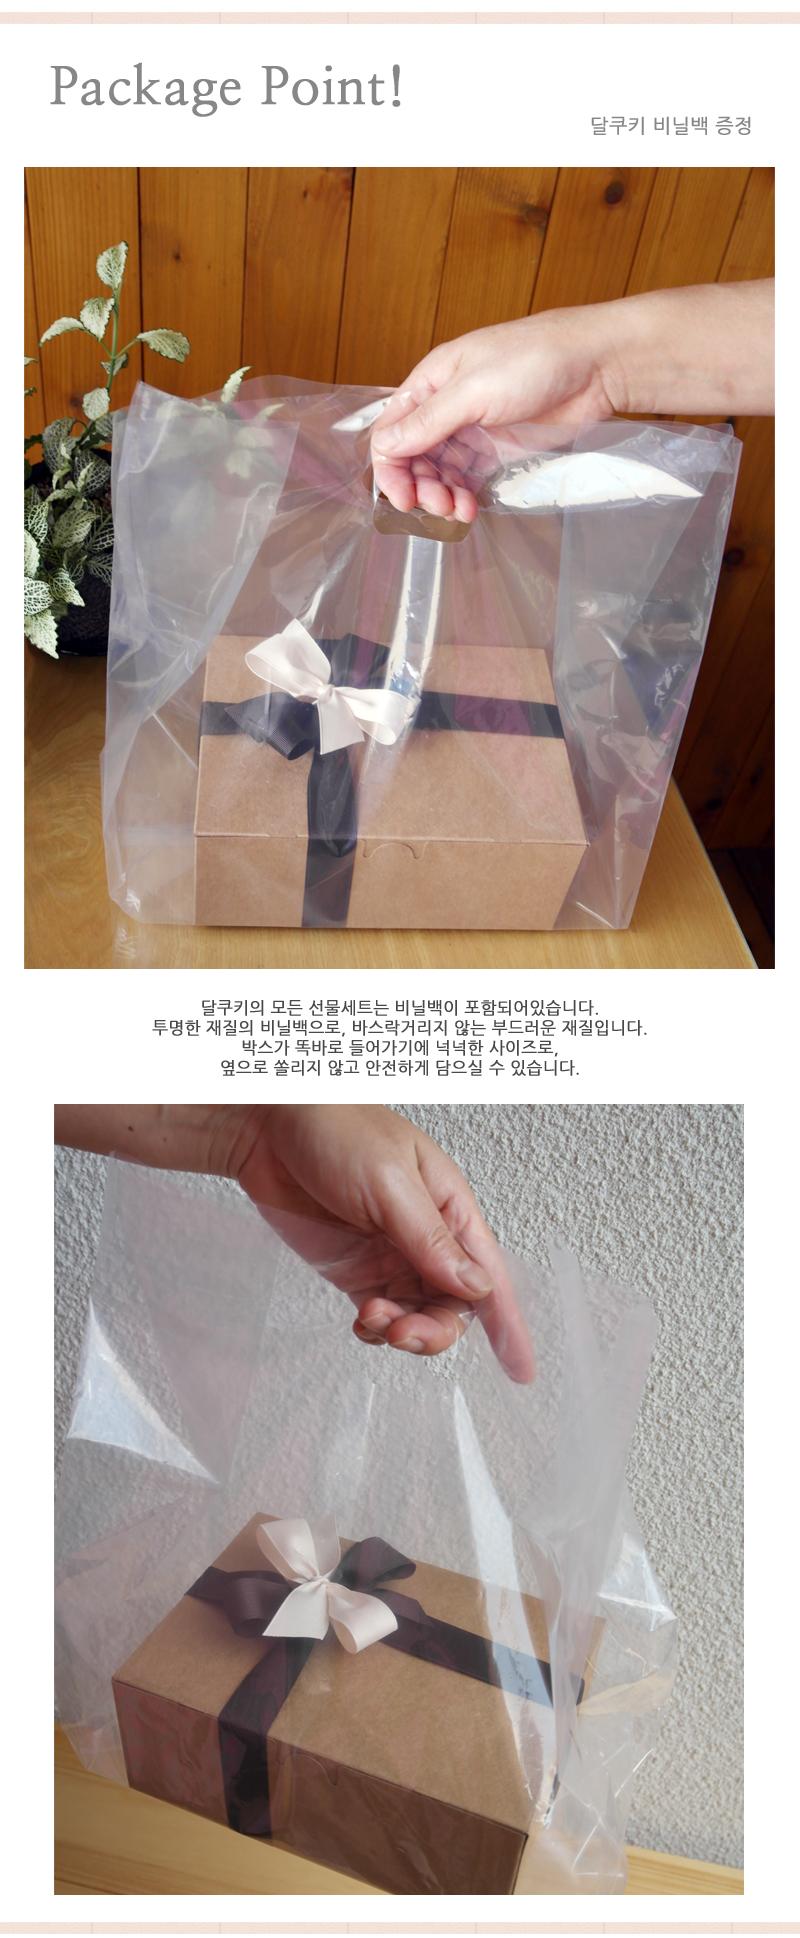 레몬마들렌 선물세트 2호 - 달쿠키, 14,360원, 쿠키/케익/빵, 빵